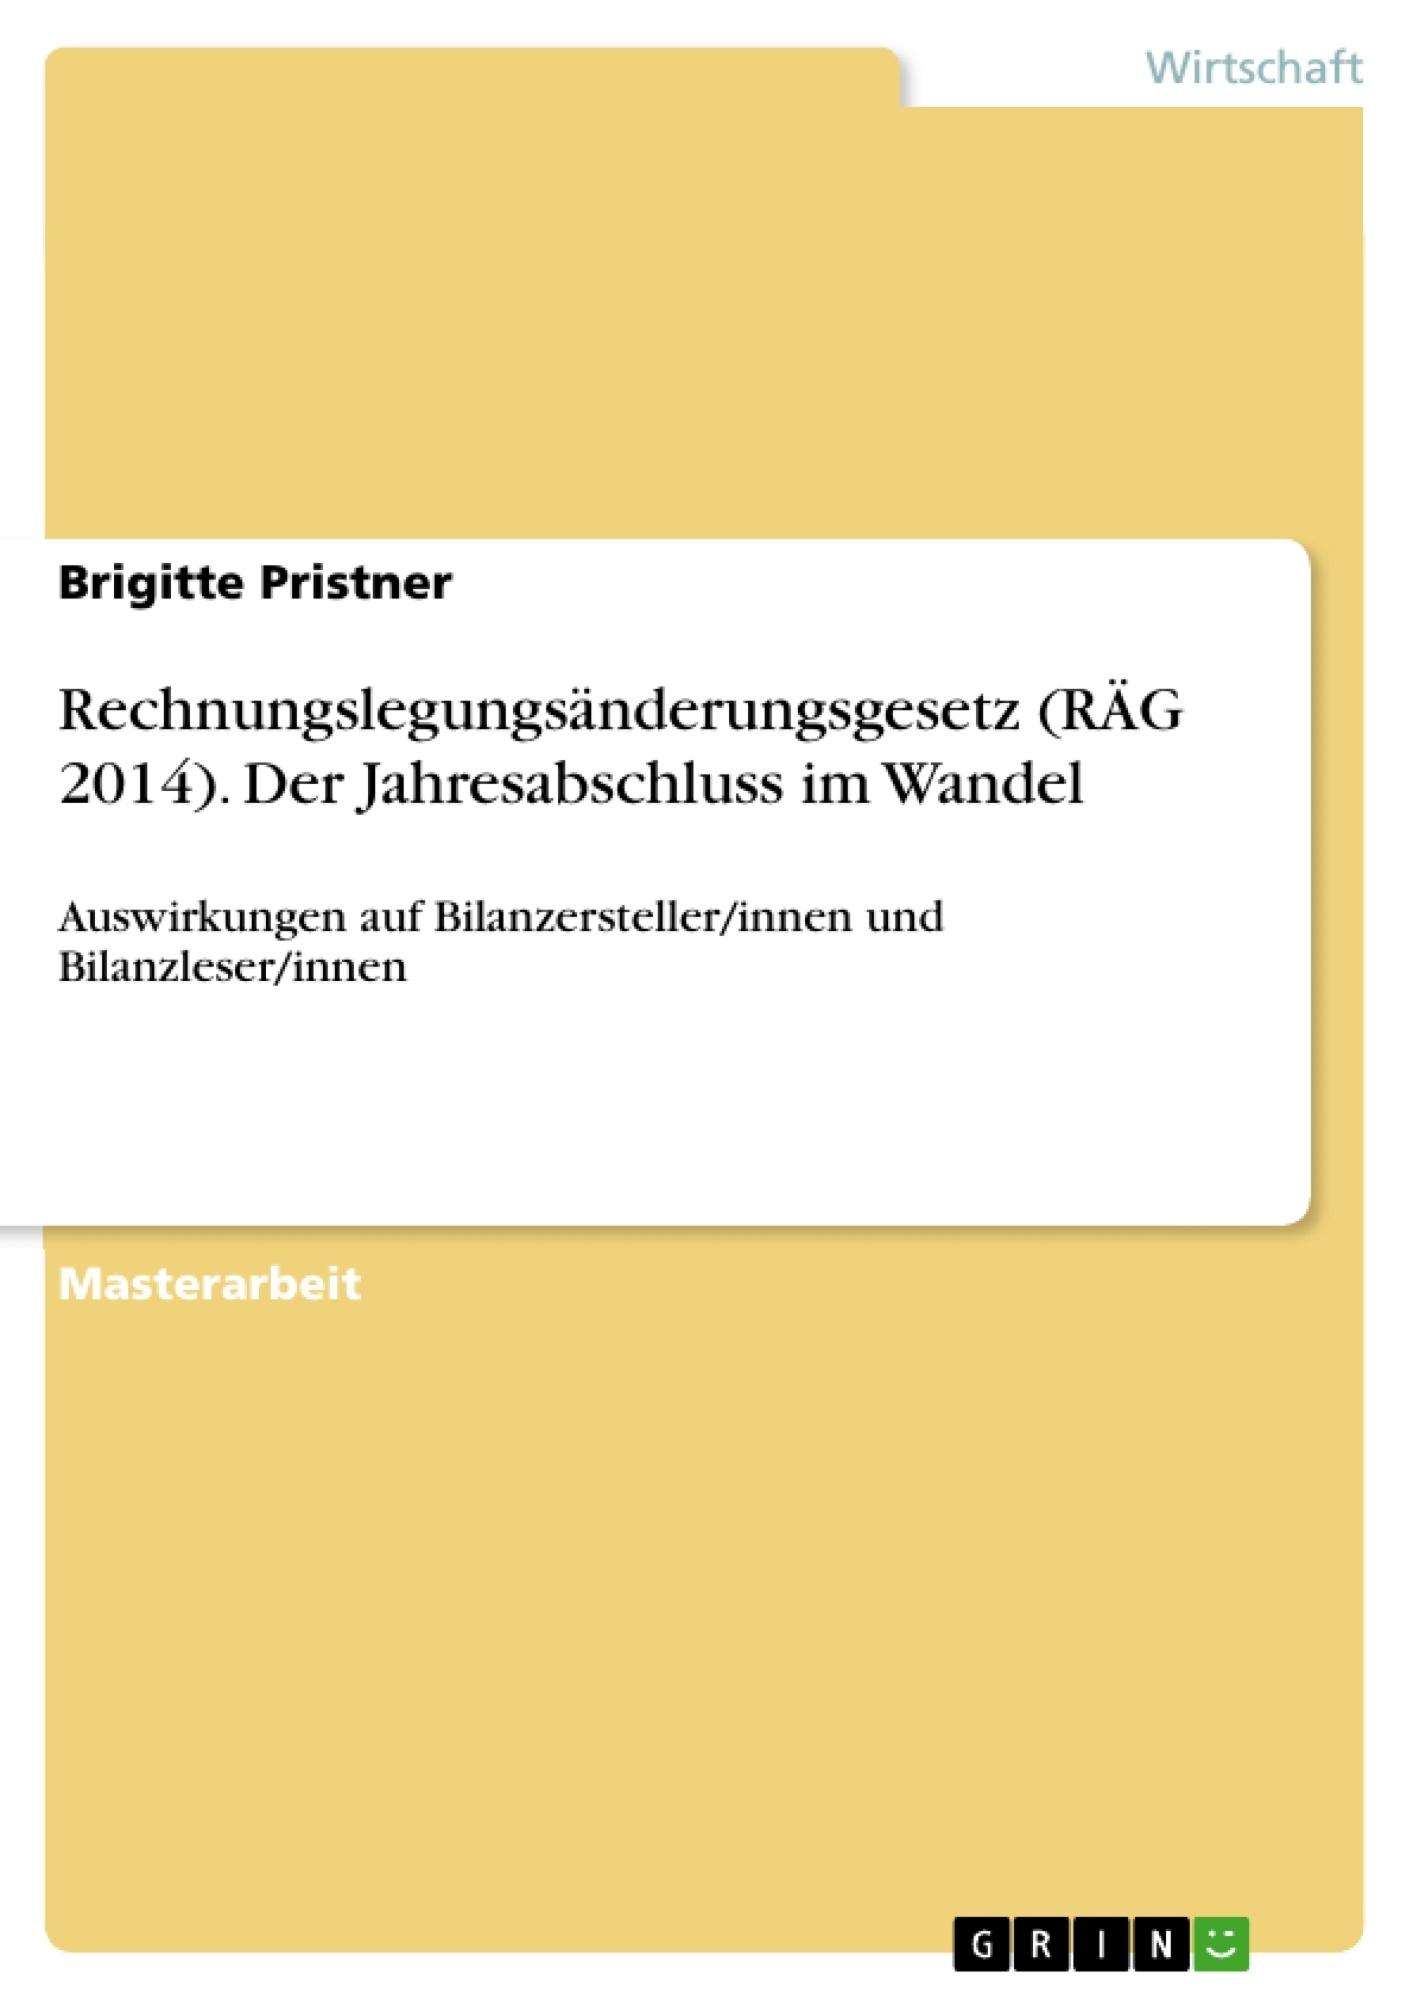 Titel: Rechnungslegungsänderungsgesetz (RÄG 2014). Der Jahresabschluss im Wandel